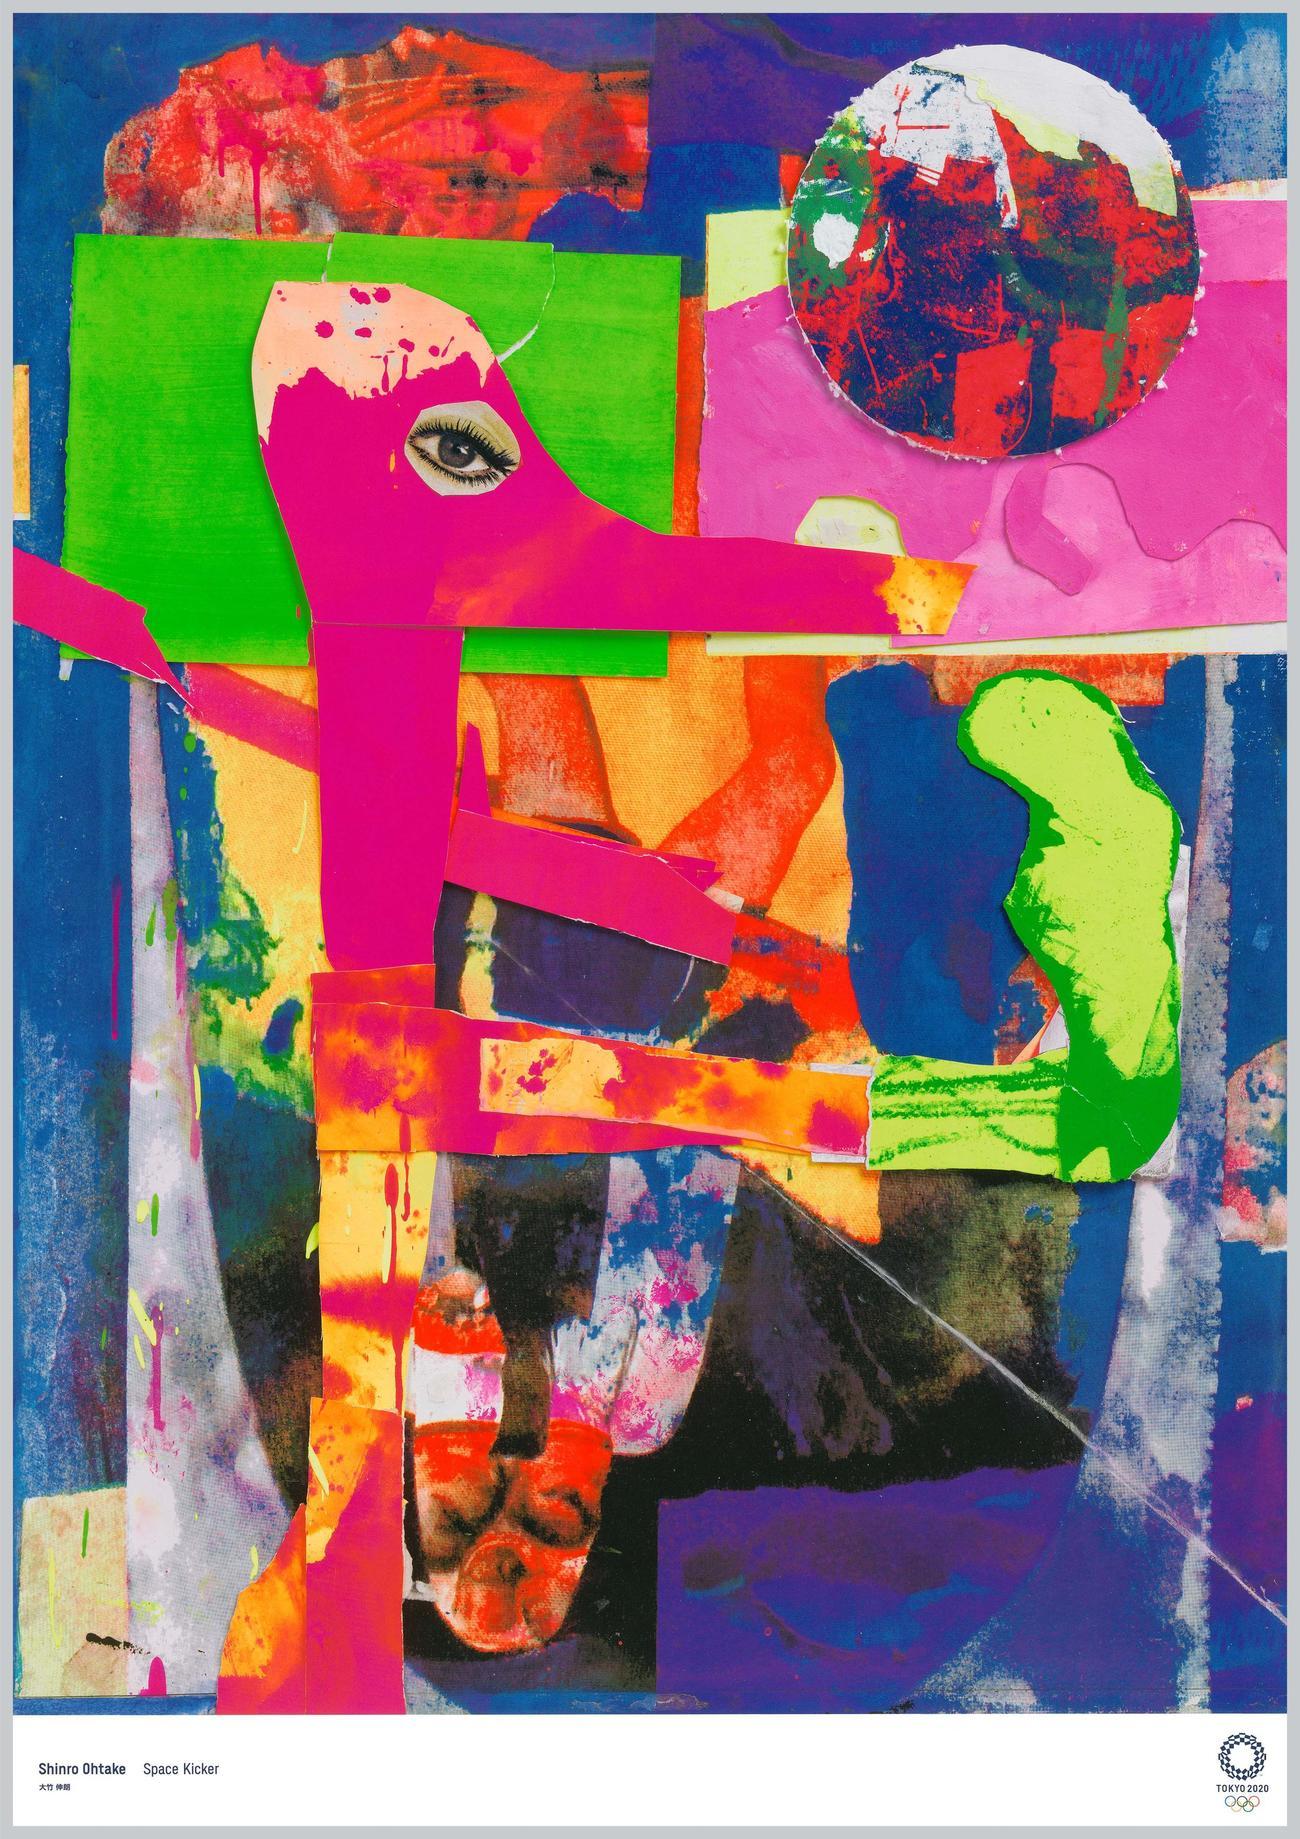 画家の大竹伸朗氏が手掛けたオリンピックをテーマにした作品「スペース・キッカー」@Tokyo2020